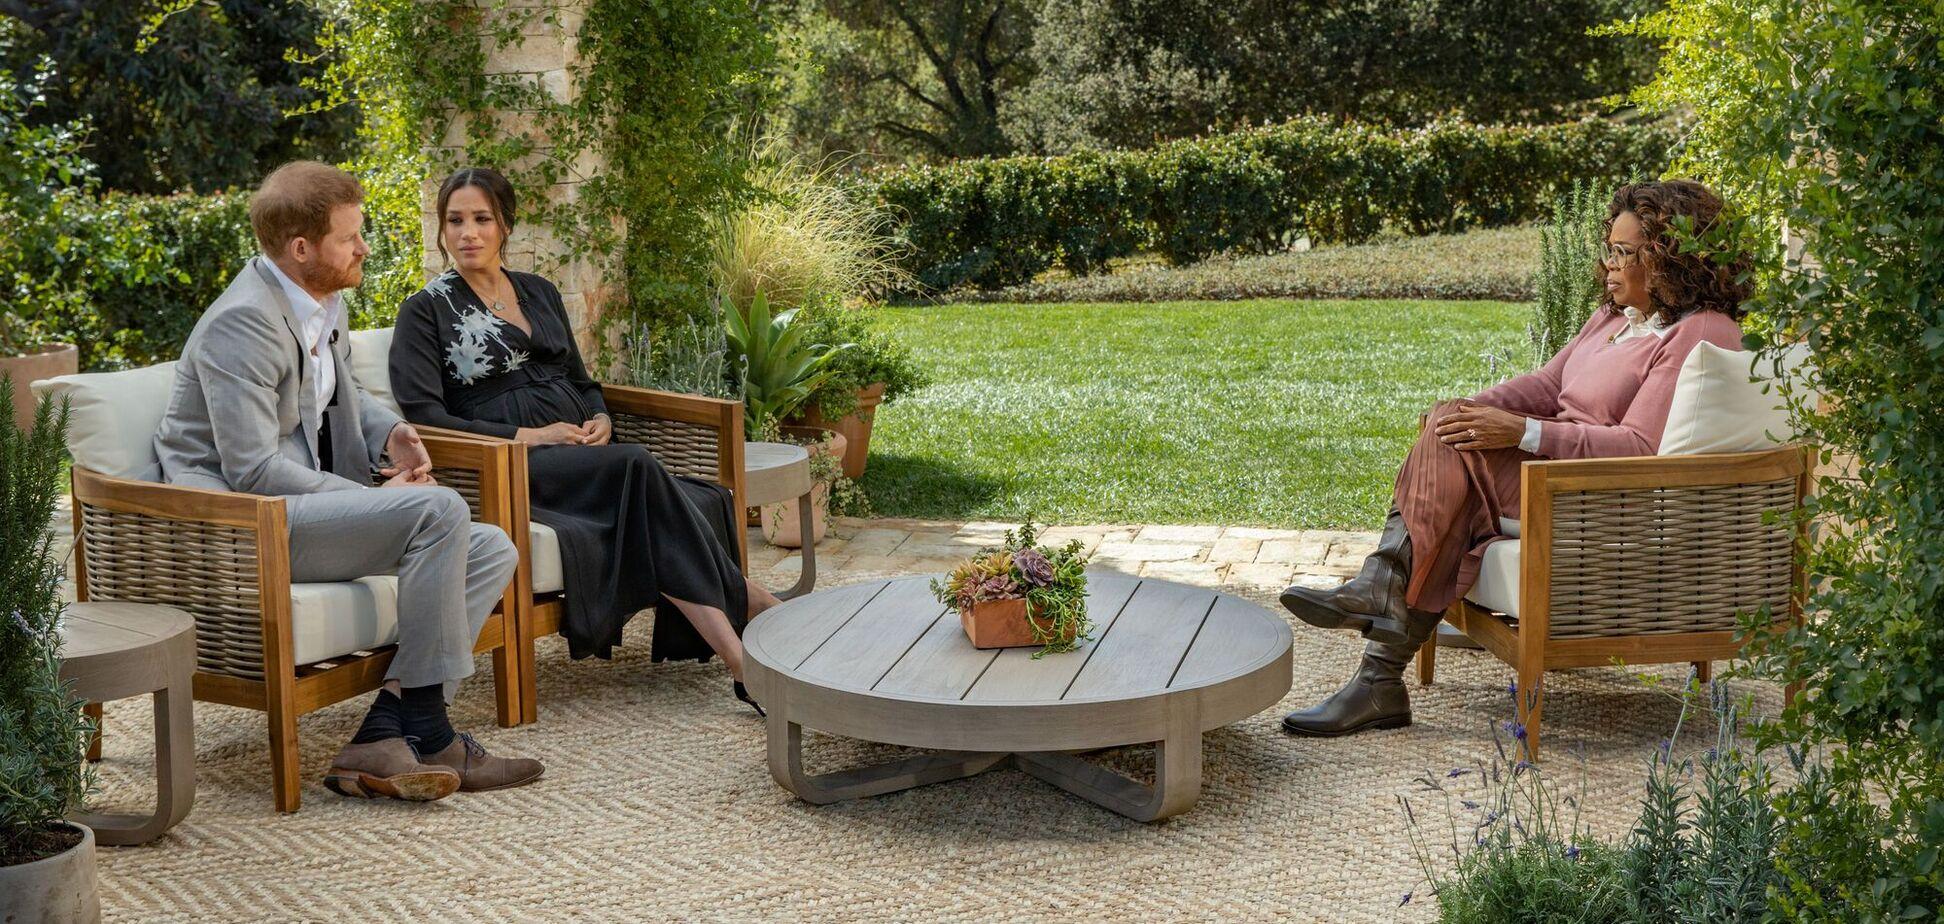 Головні одкровення Меган Маркл і принца Гаррі в інтерв'ю Опрі Вінфрі